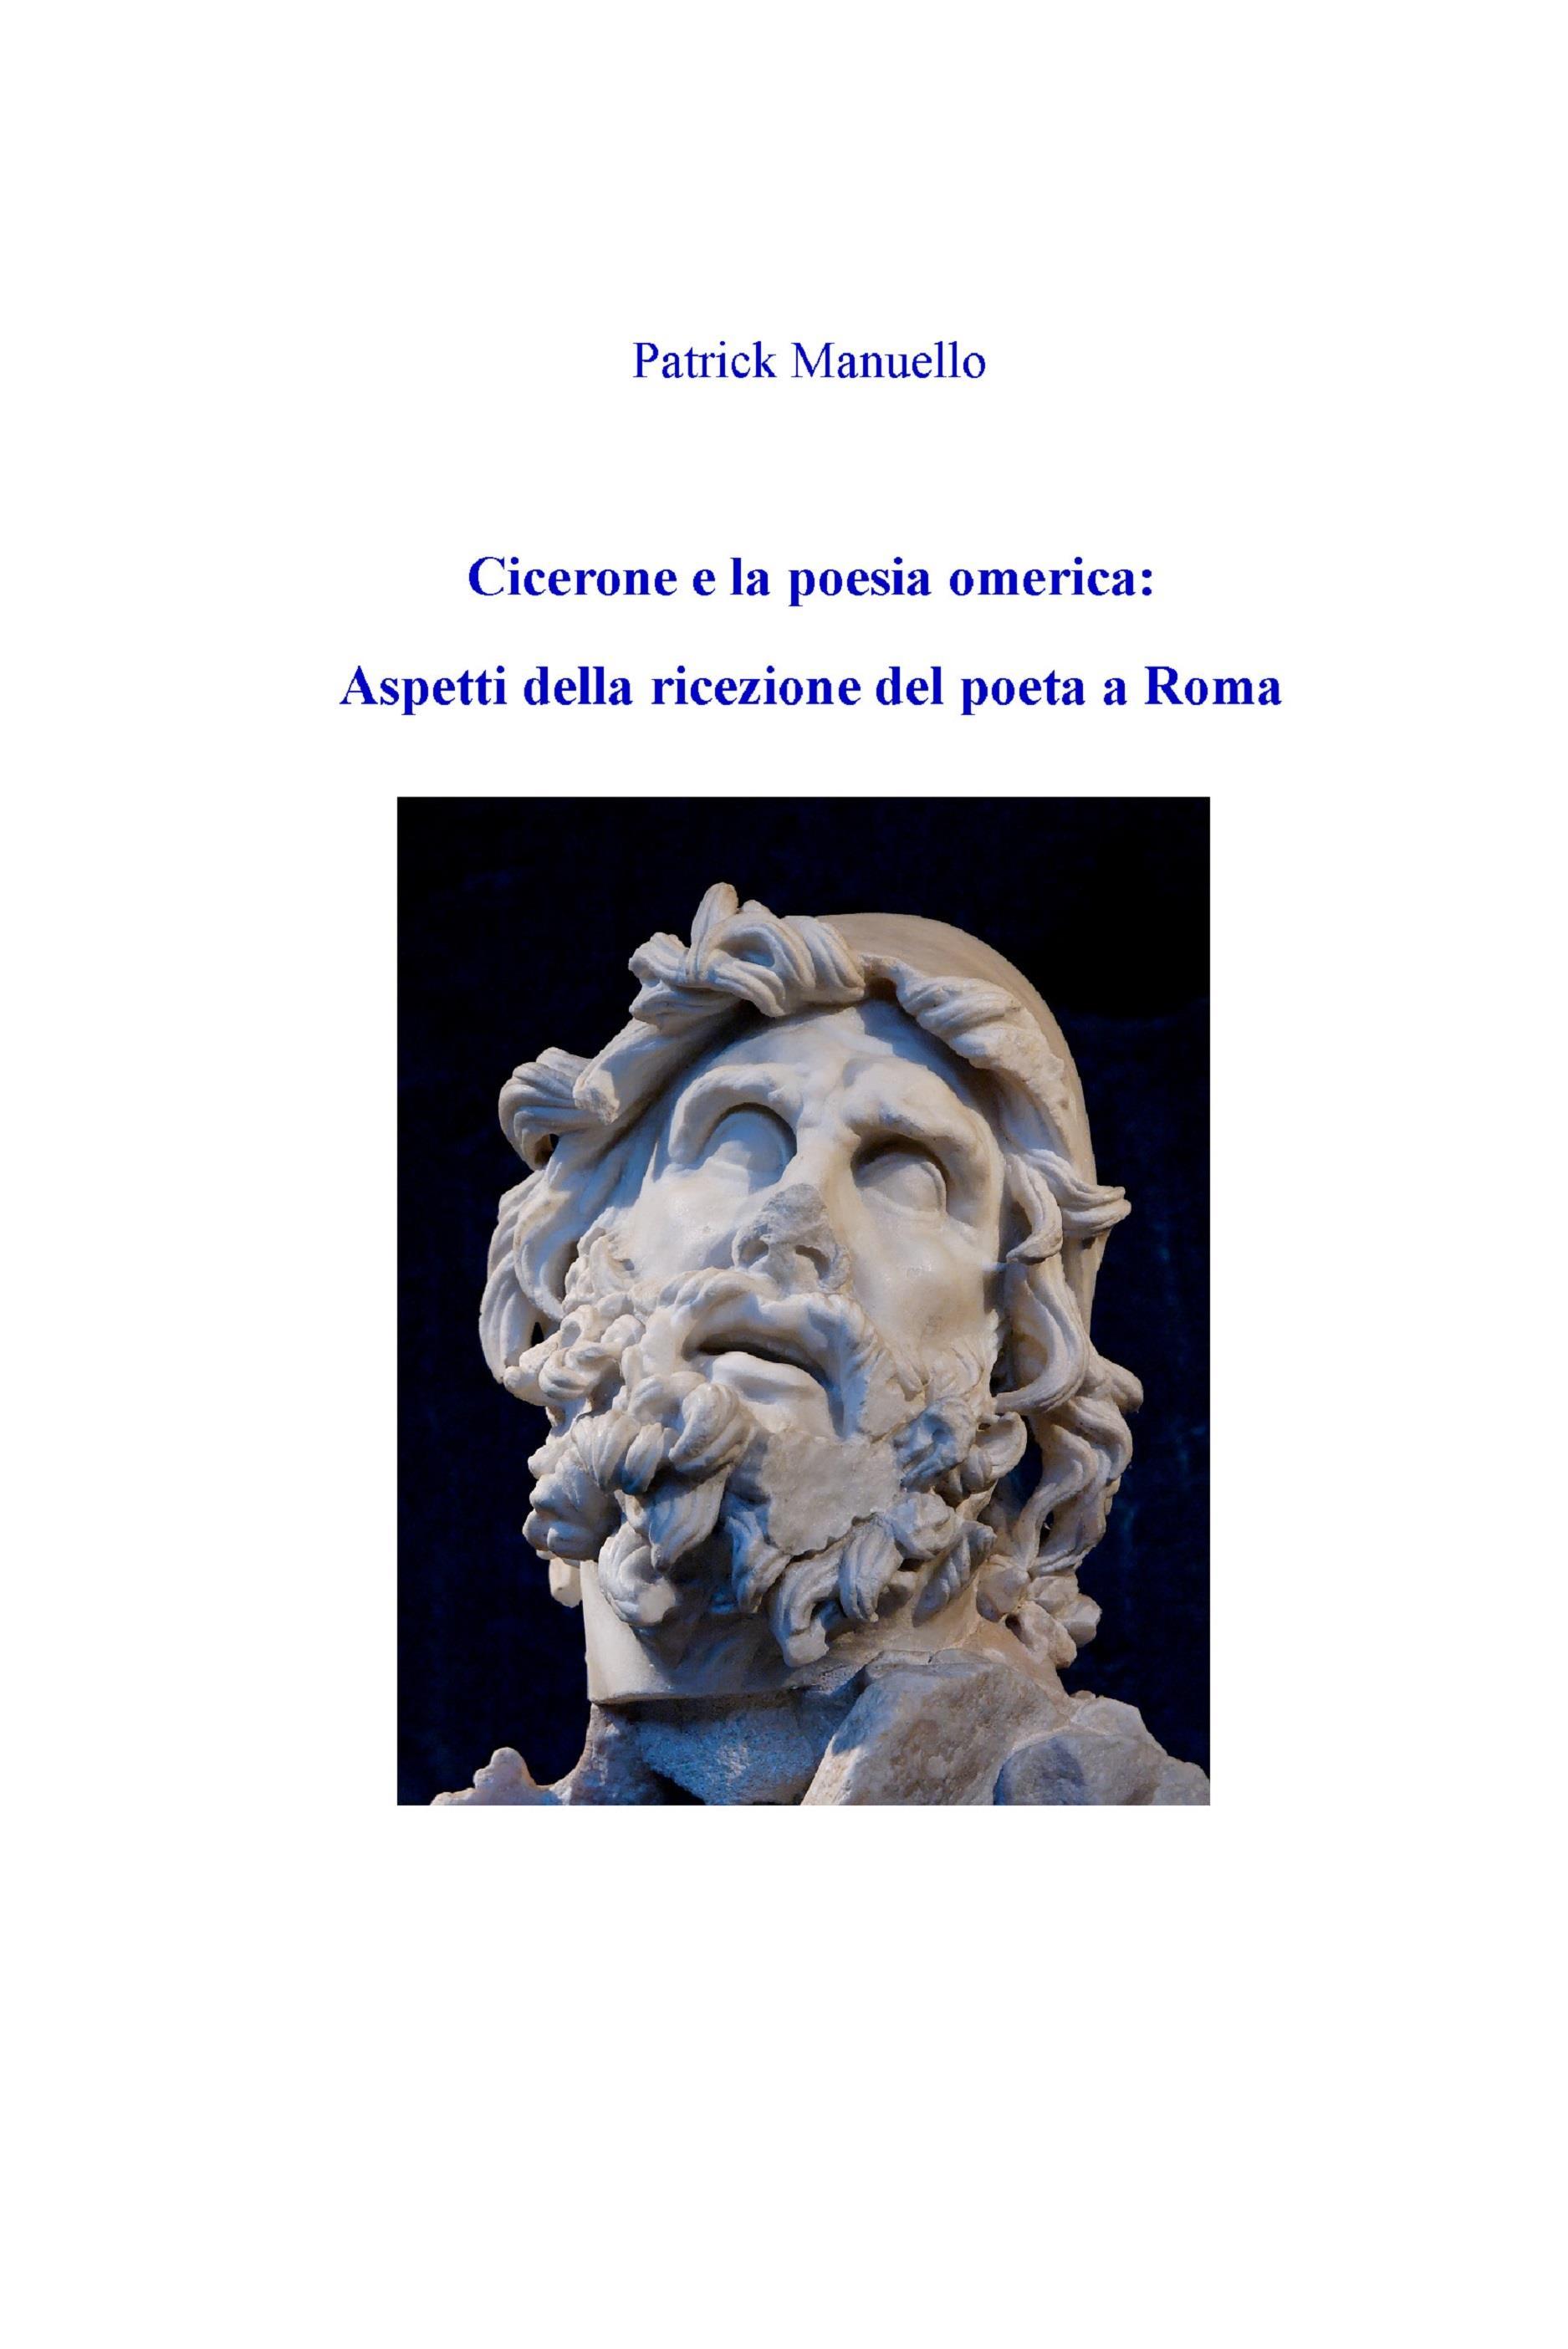 Cicerone e la poesia omerica: aspetti della ricezione del poeta a Roma